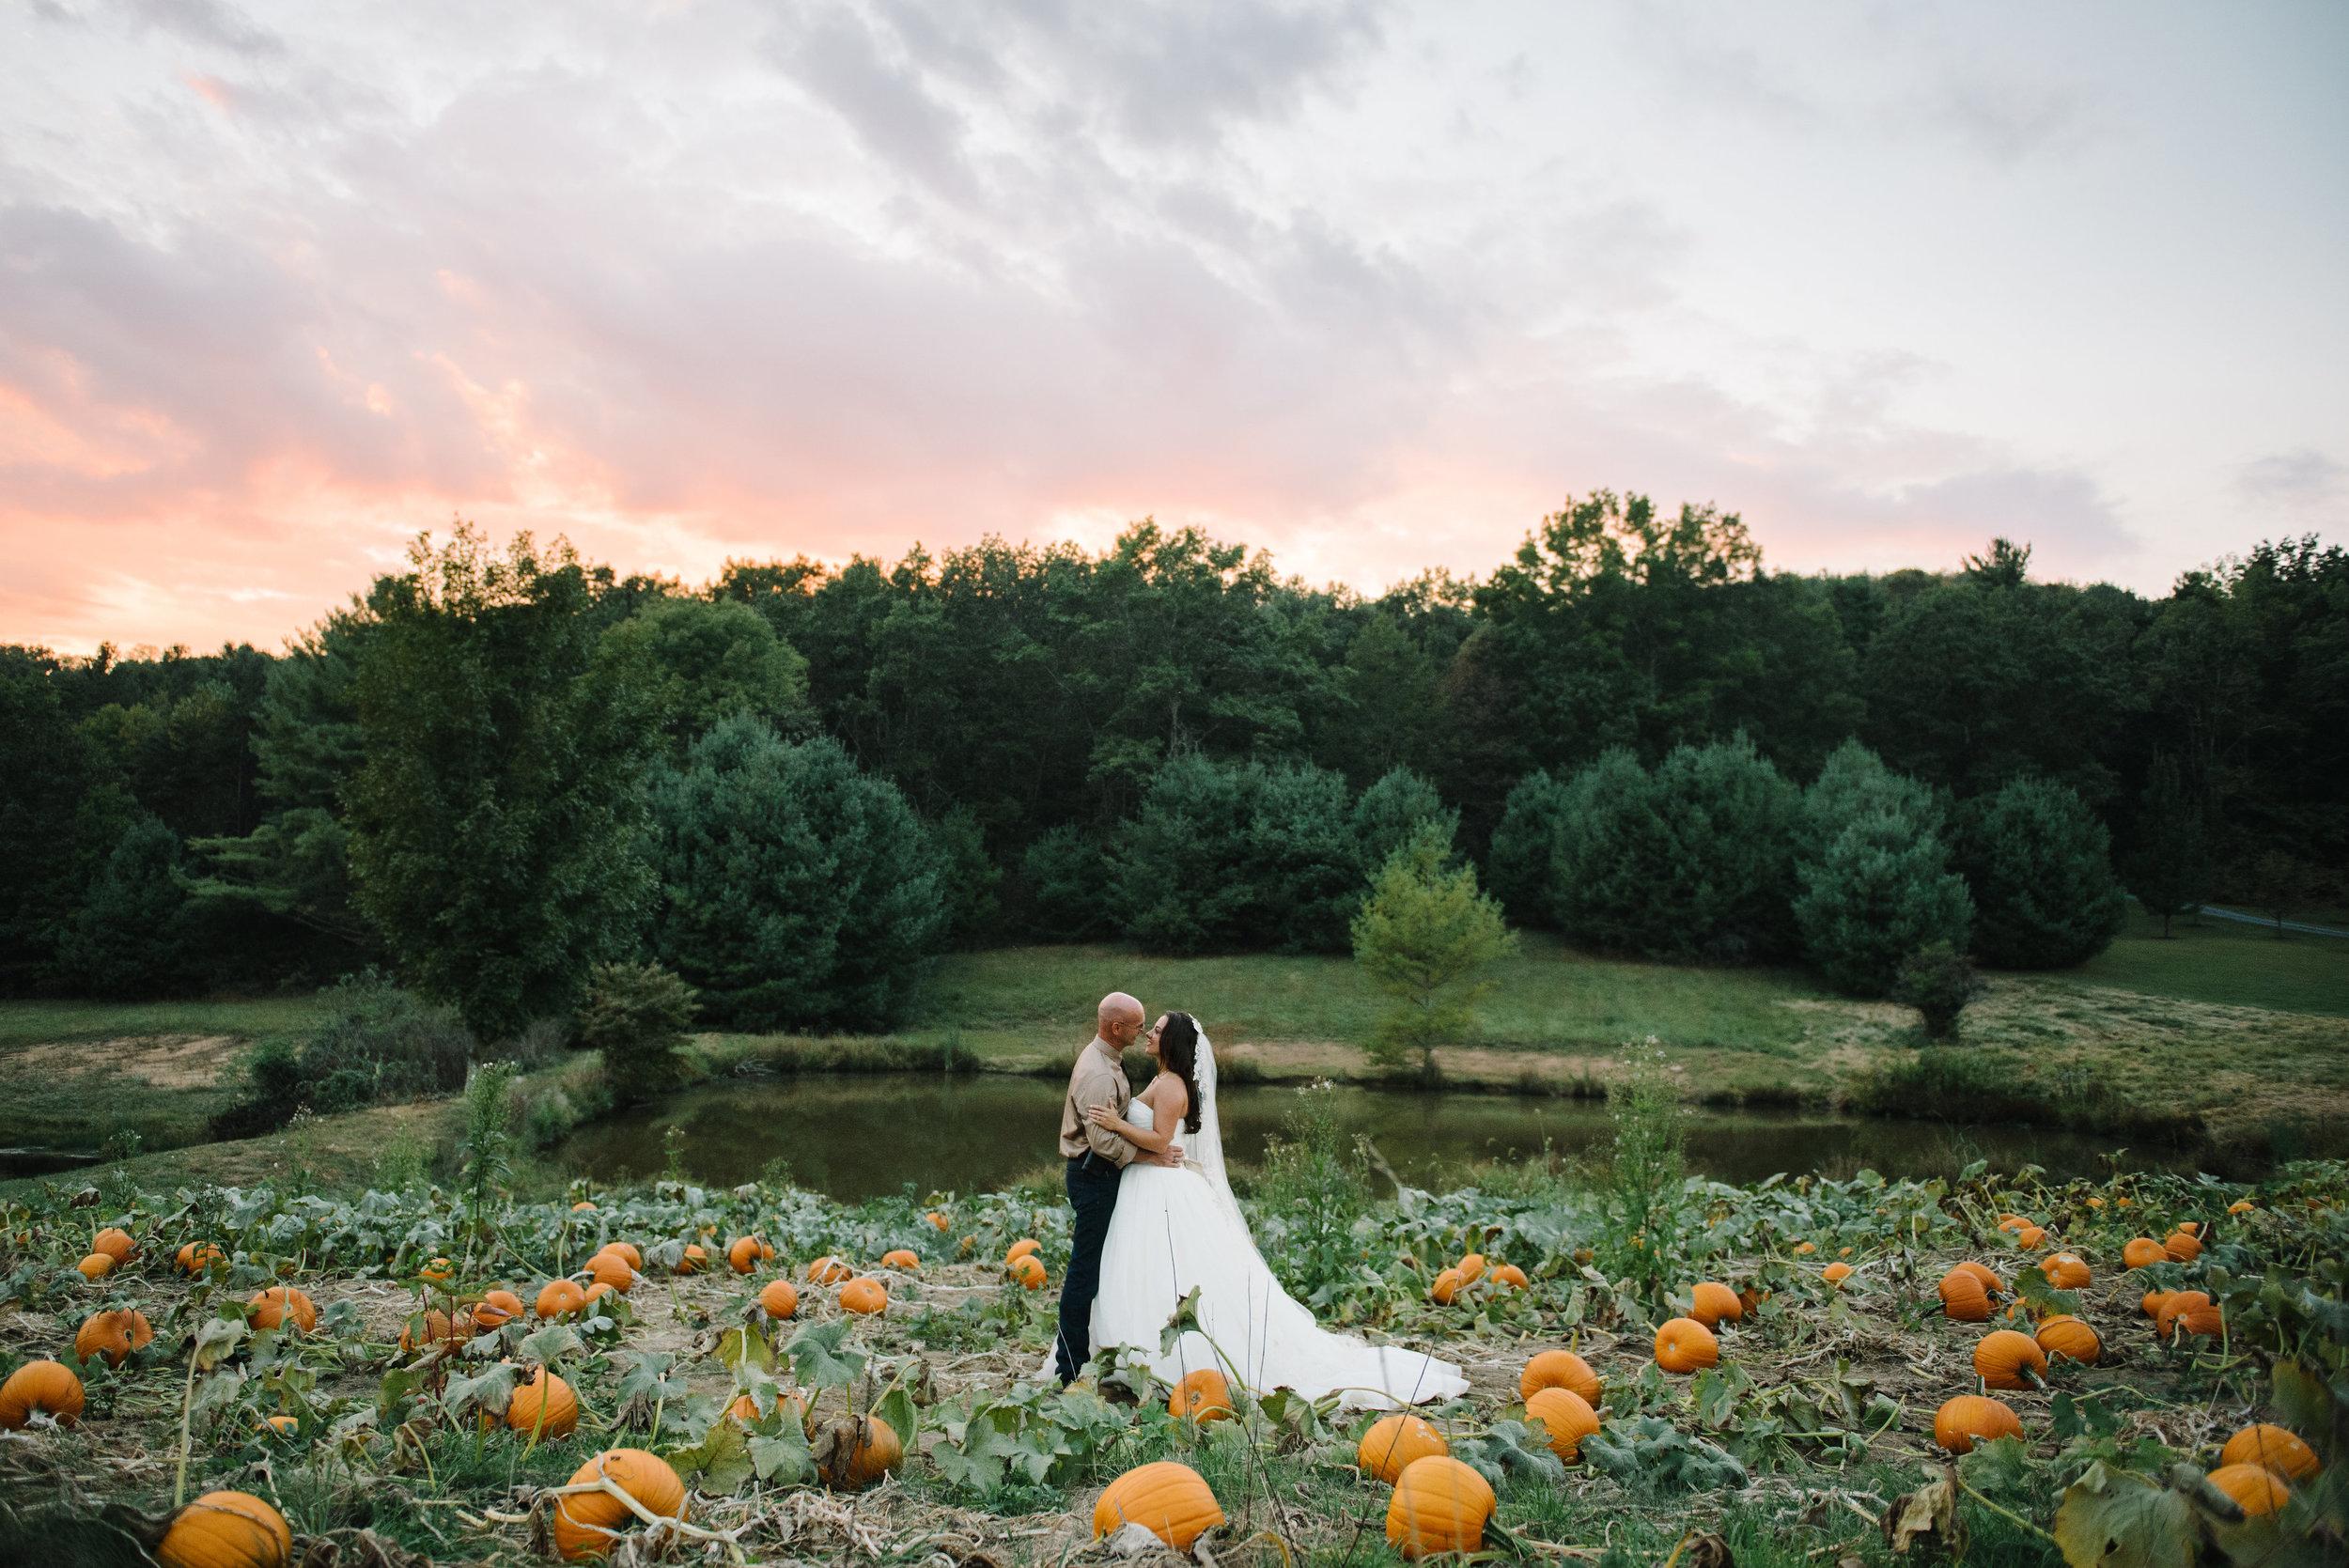 pumpkin-patch-sunset.jpg